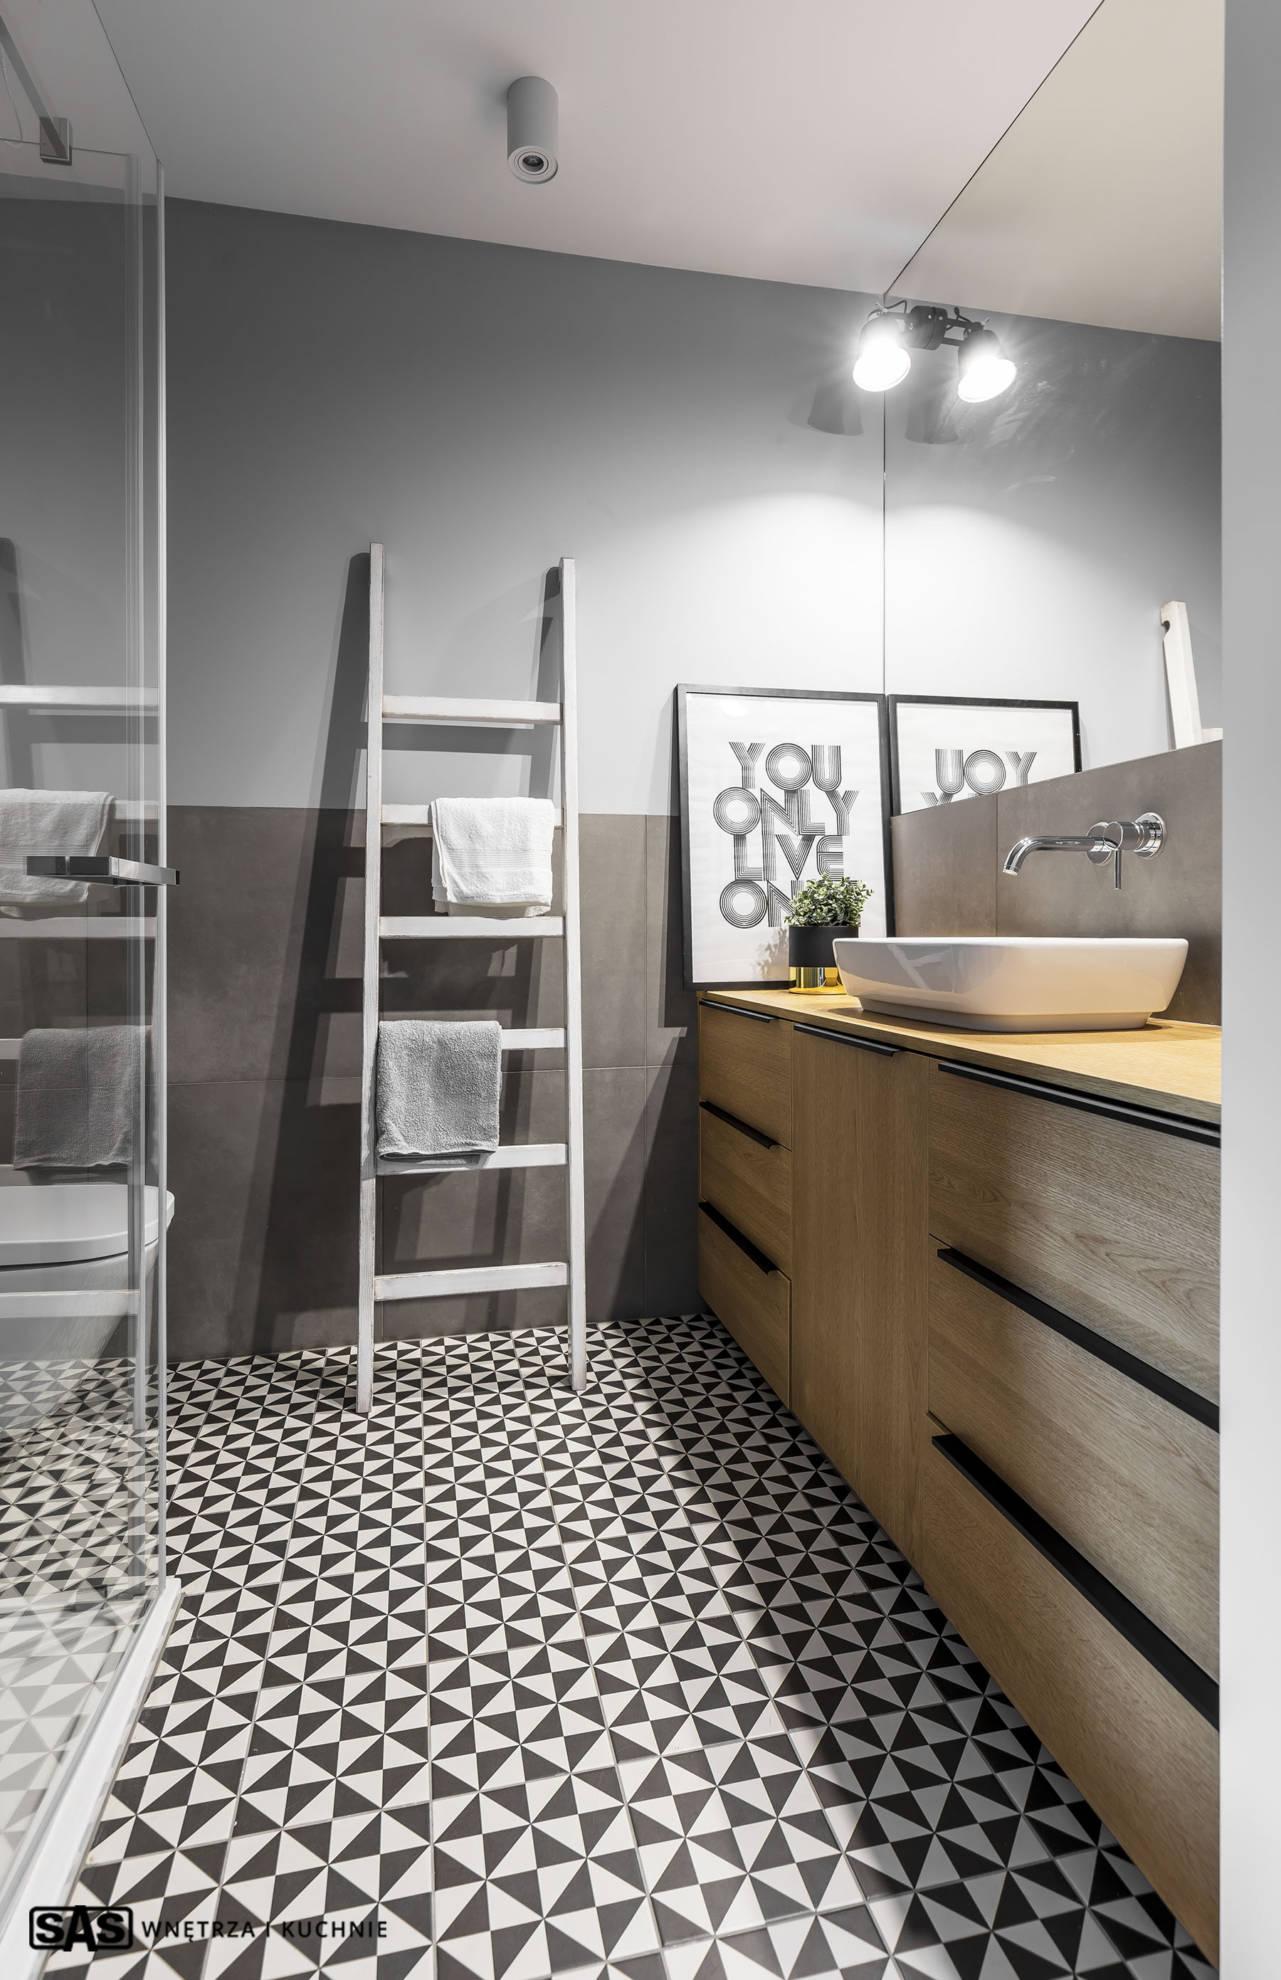 Aranżacja łazienki - meble łazienkowe na wymiar wykonanie SAS Wnętrze i Kuchnie - projekt architekt wnętrz Emilia Strzempek Plasun.